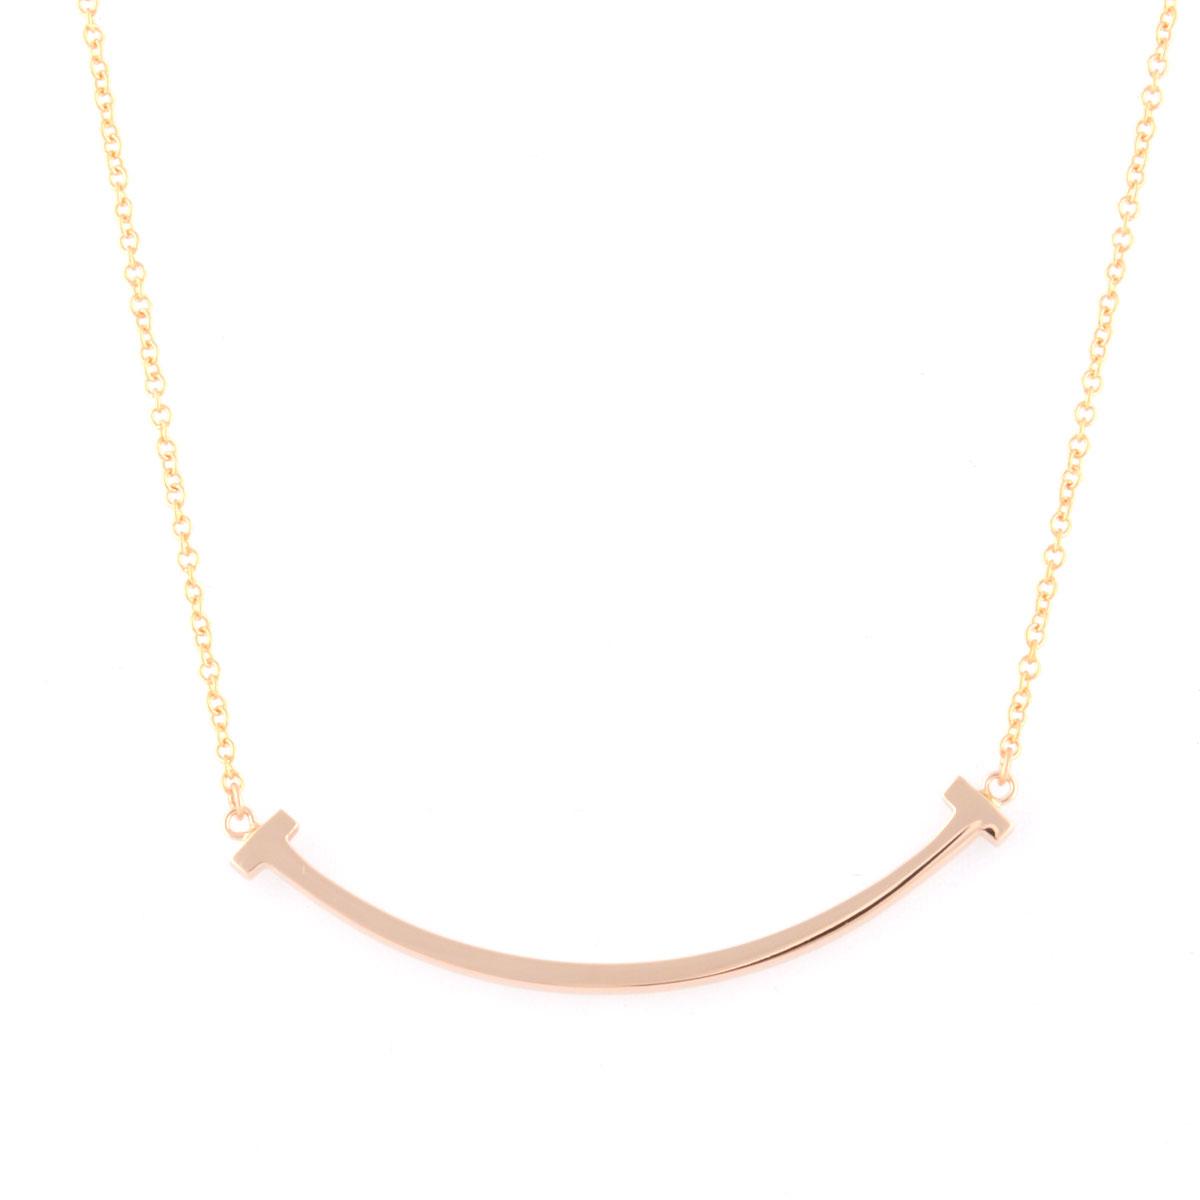 ティファニー Tiffany & Co.35189432 Tiffany T スマイル ペンダント ミニ 18KRG ネックレス 【送料無料】【Luxury Brand Selection】